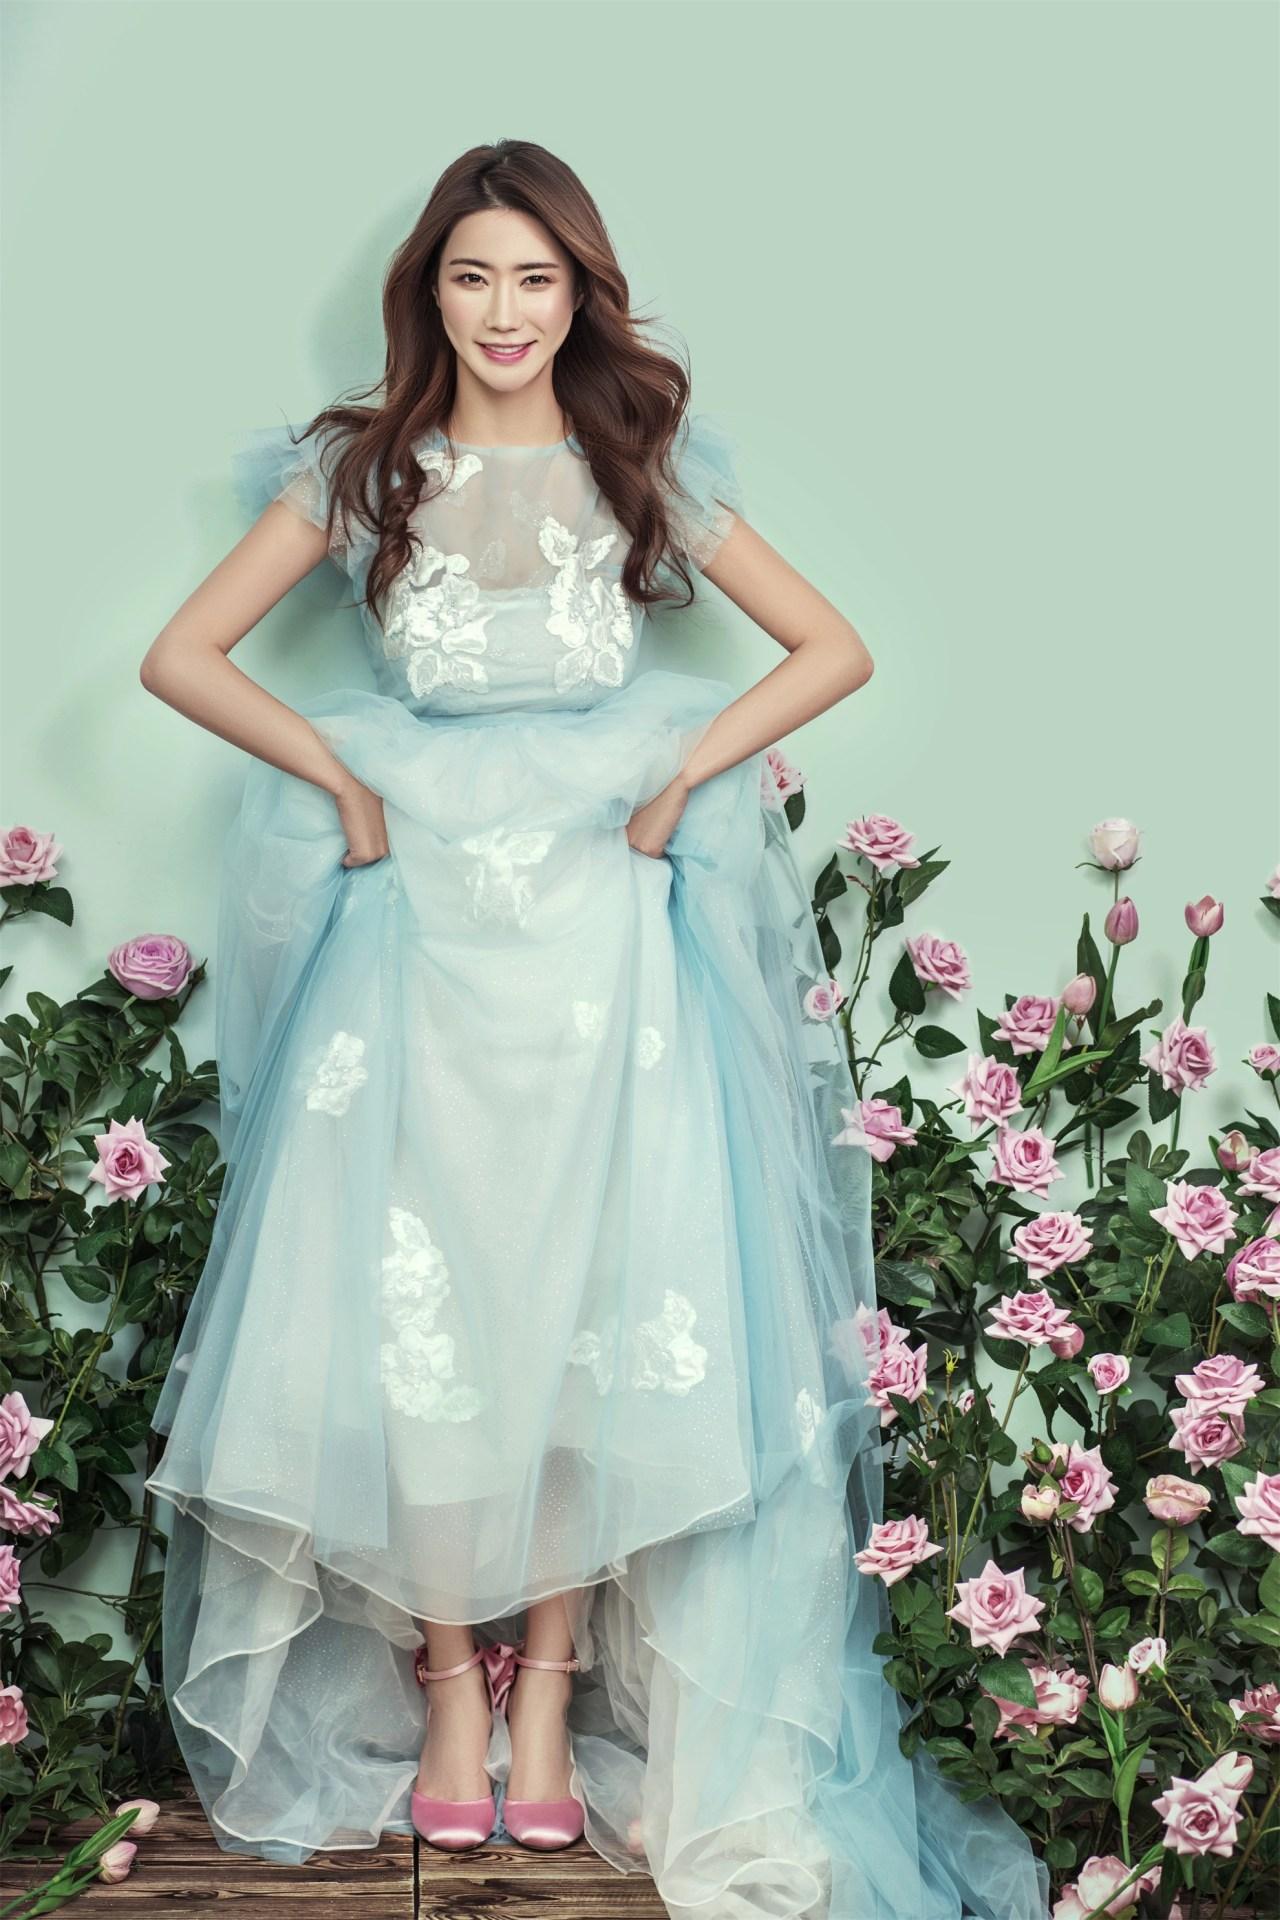 台灣婚紗品牌 婚紗禮服 婚紗ptt 婚紗品牌 手工婚紗 手工禮服